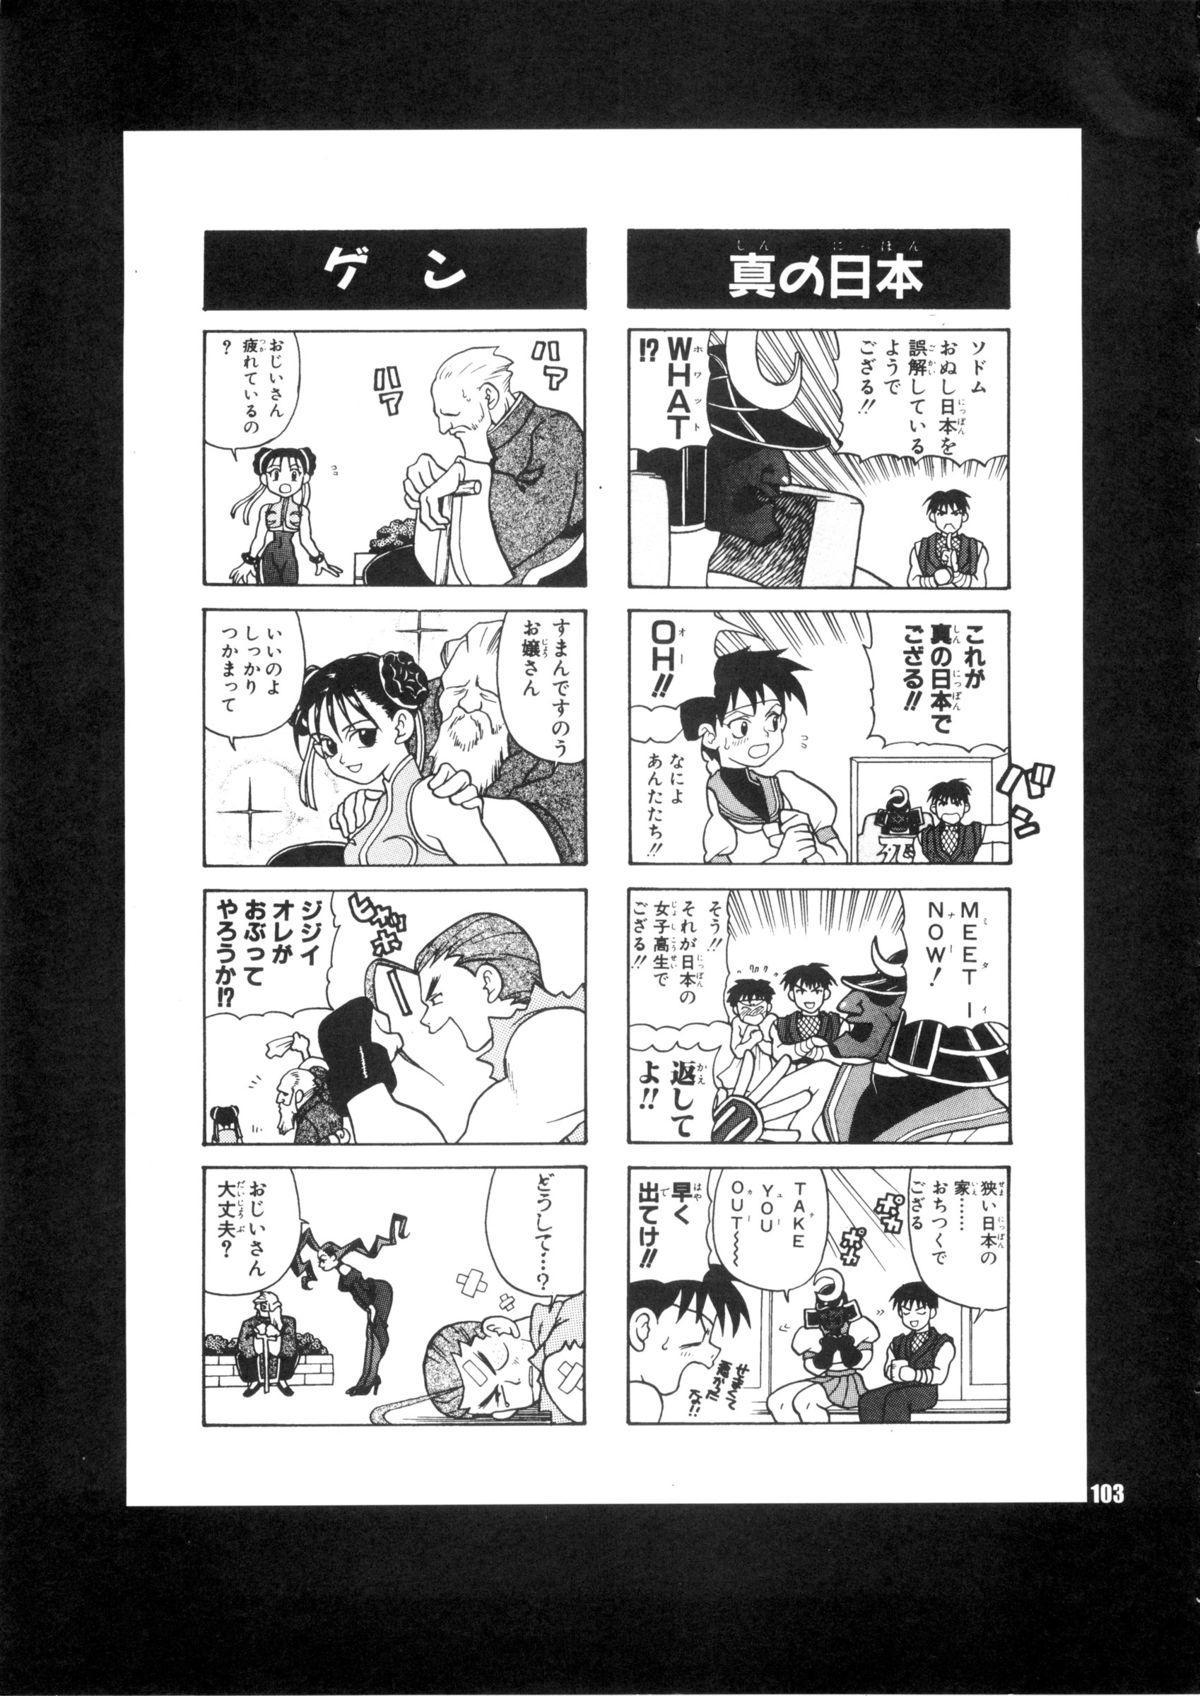 Yukiyanagi no Hon 28 Chun-Li Matome 102